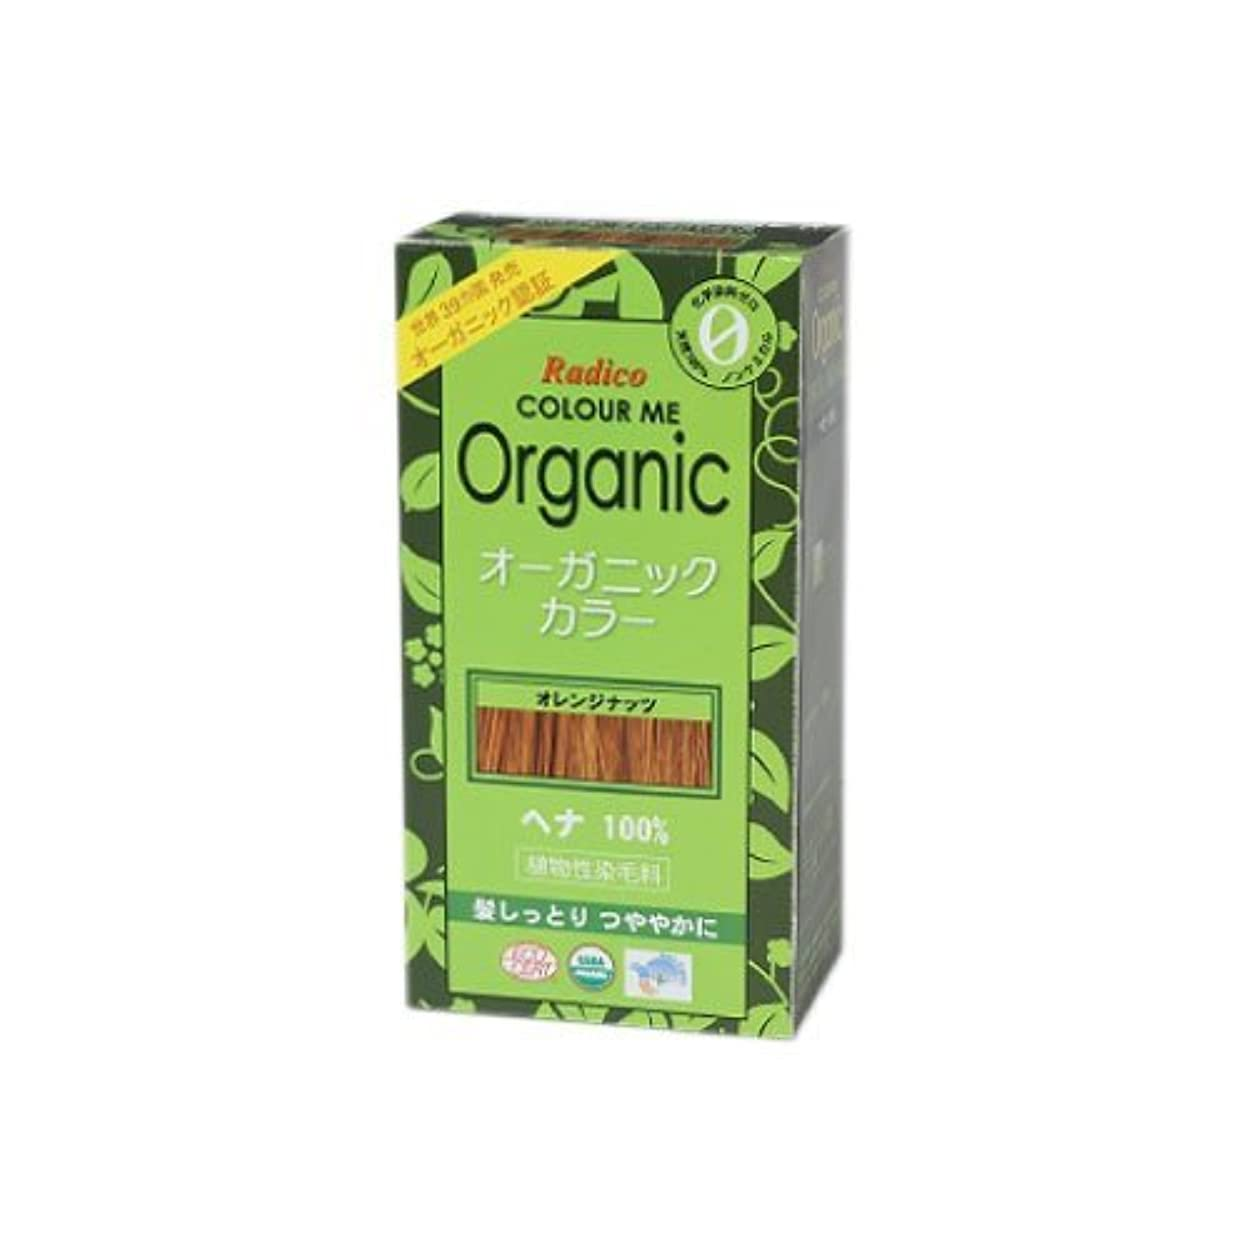 怖がらせる動機付ける子猫COLOURME Organic (カラーミーオーガニック ヘナ 白髪用) オレンジナッツ 100g